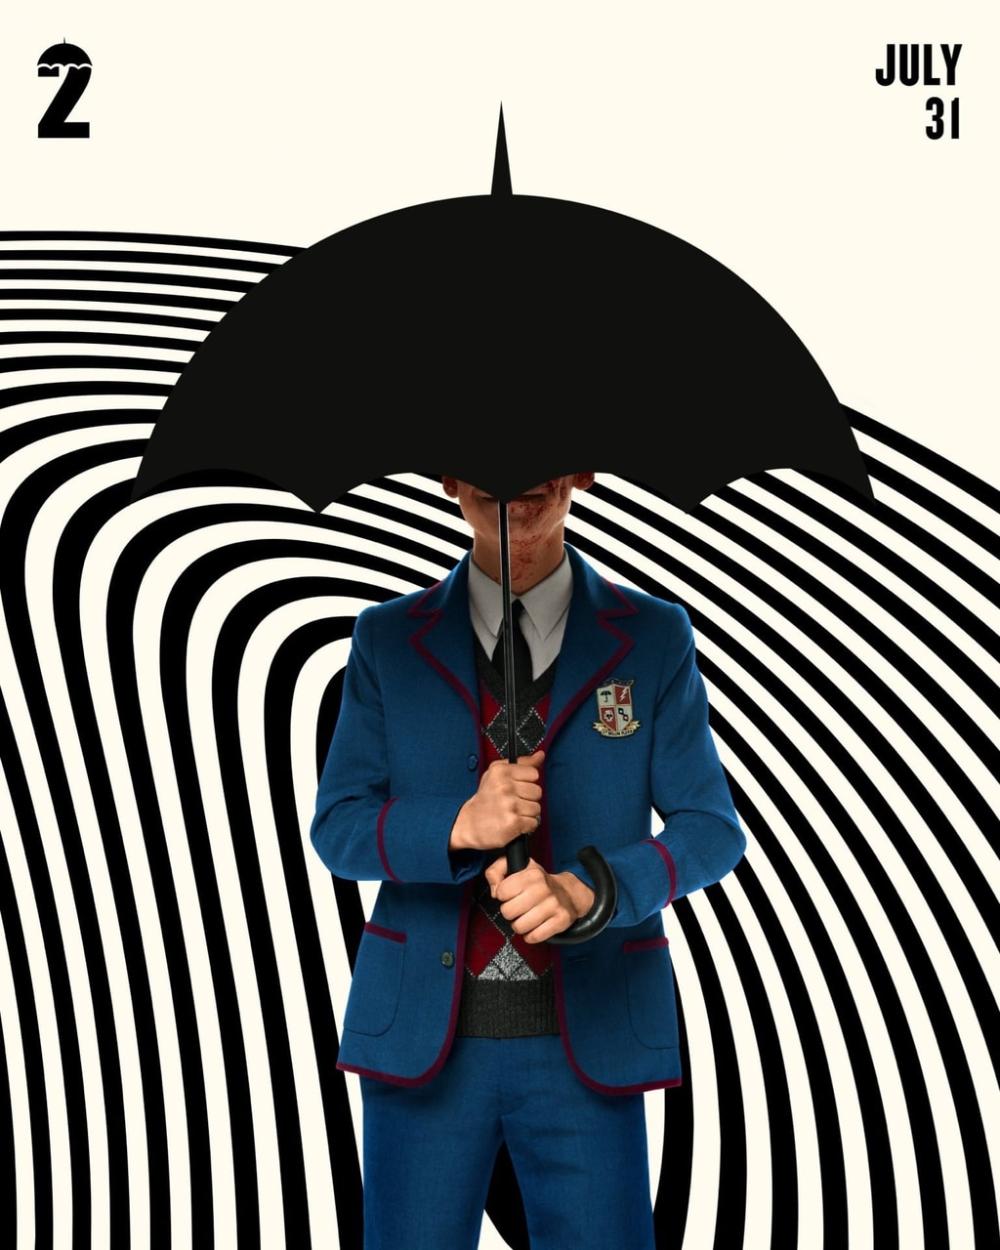 Kartinka Najdeno Polzovatelem Nurgalieva Kameliya Nahodite I Sohranyajte Svoi Sobstvennye Izobrazheniya I Video V We Heart Umbrella Season 2 Under My Umbrella